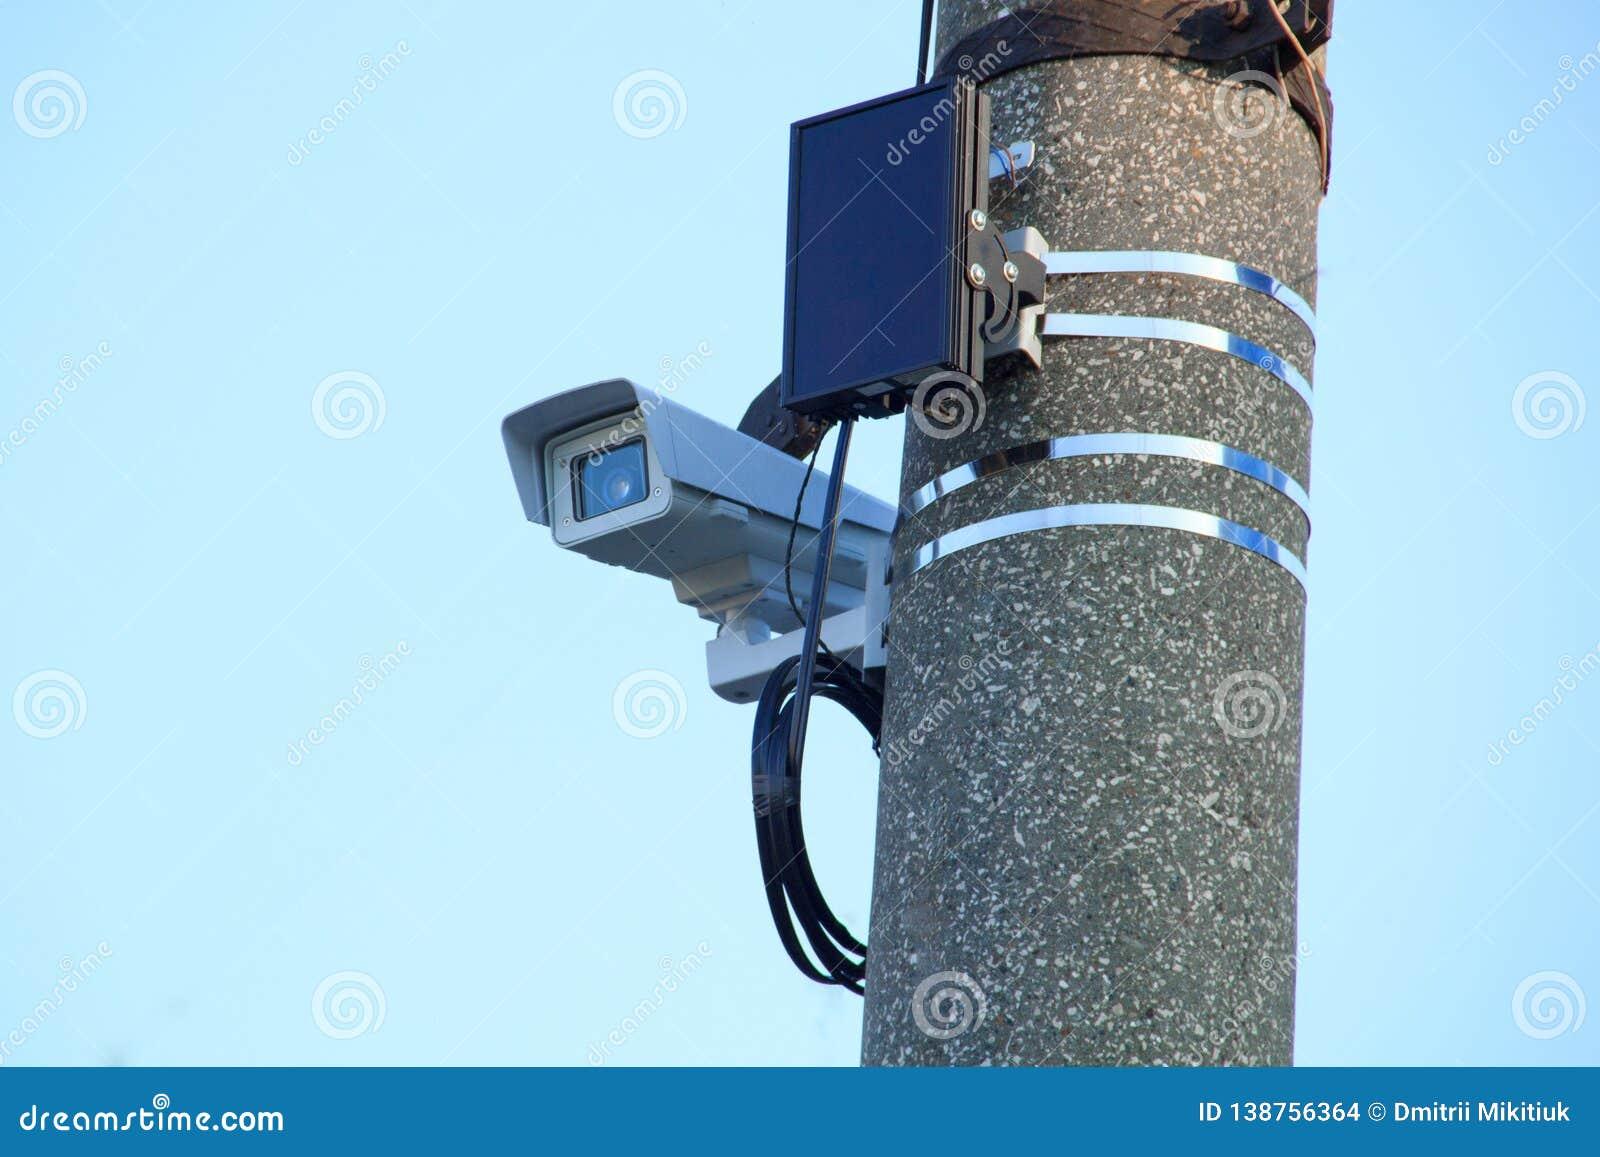 Kamera wideo w uszczelnionej termicznej kurtce na wsporniku załatwia na betonowej drogi filarze